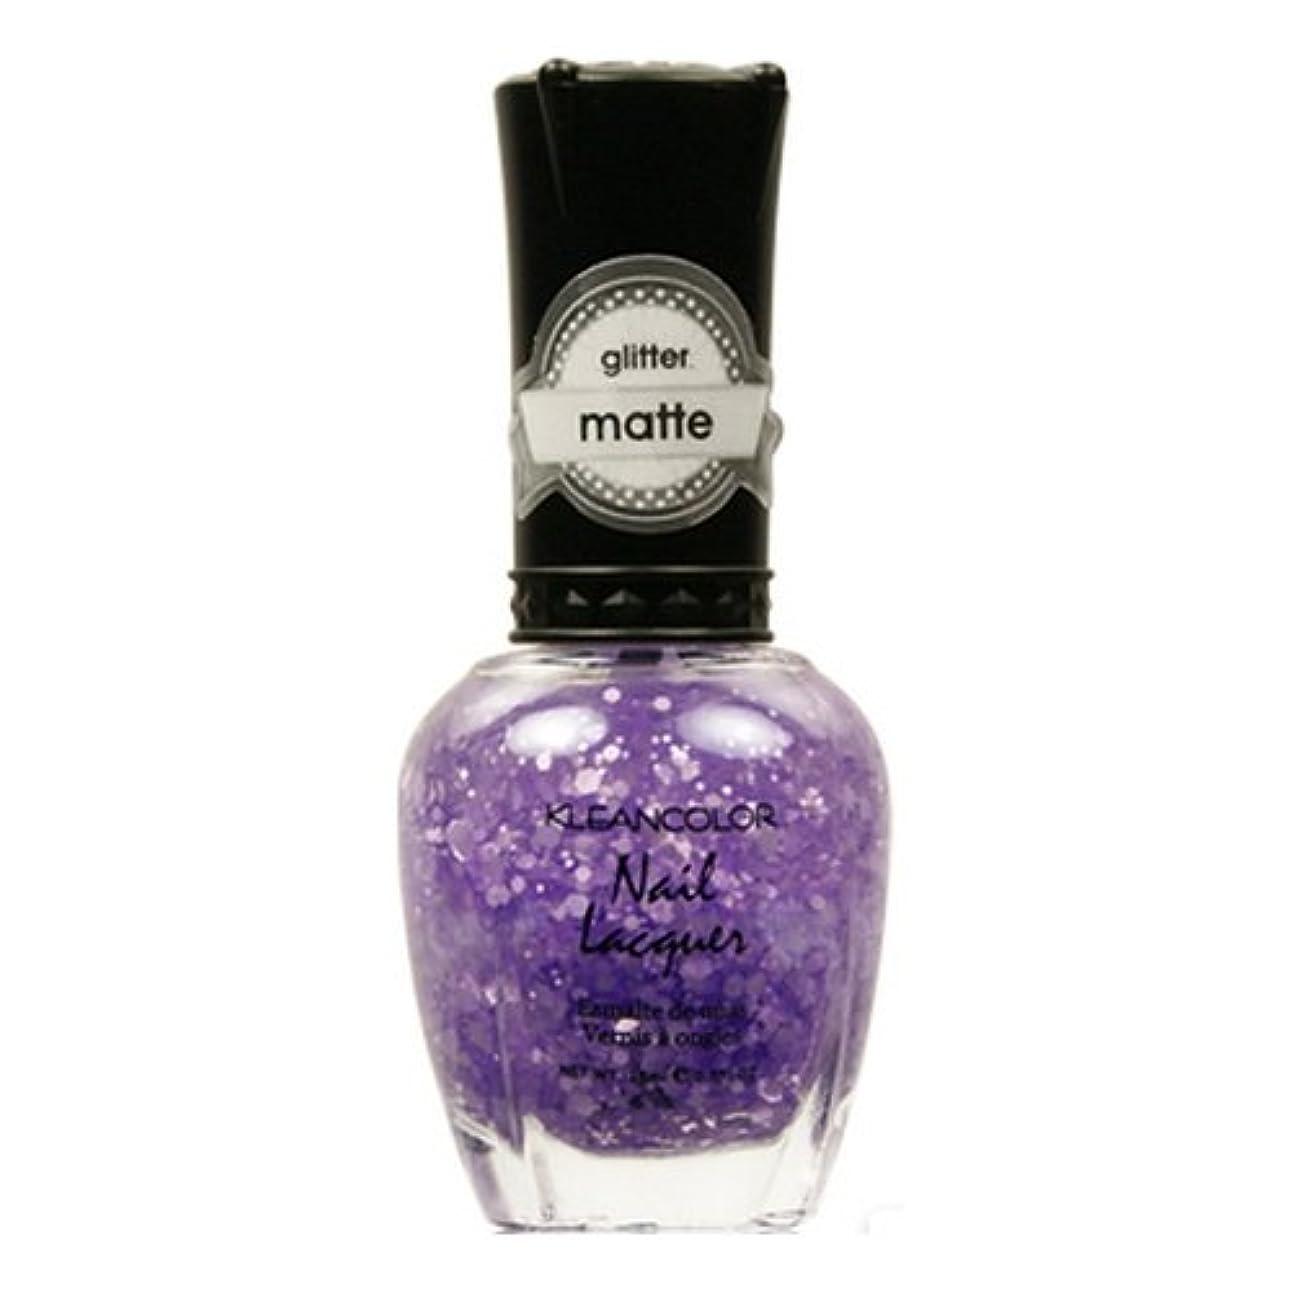 状態素晴らしいです羊KLEANCOLOR Glitter Matte Nail Lacquer - Playful Lavender (並行輸入品)